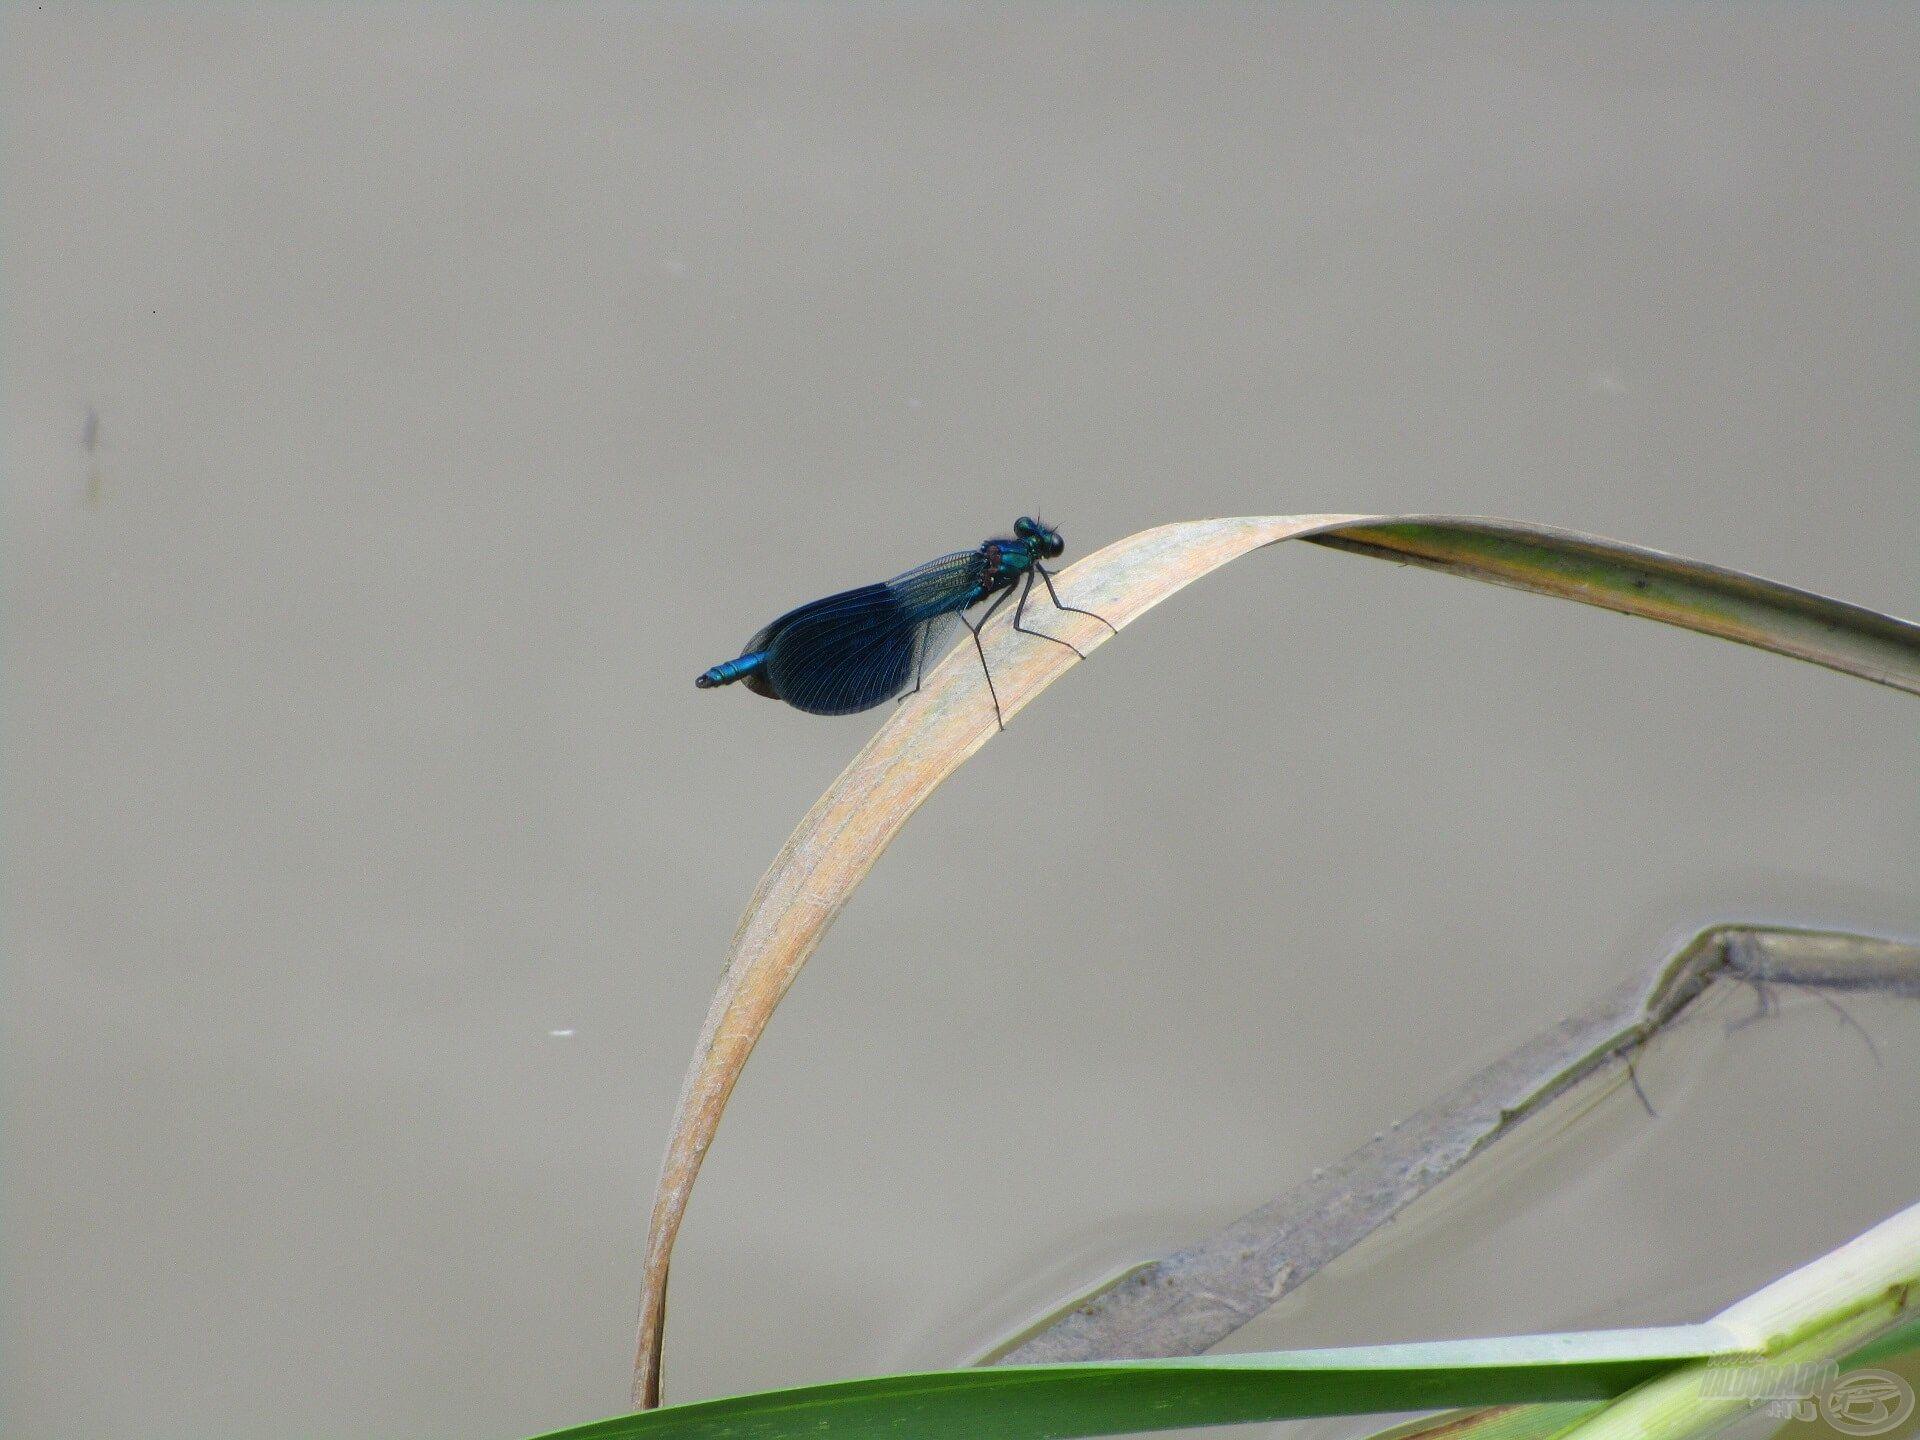 A hím sávos szitakötő a szárnyán lévő, nagy kék foltokról ismerhető fel